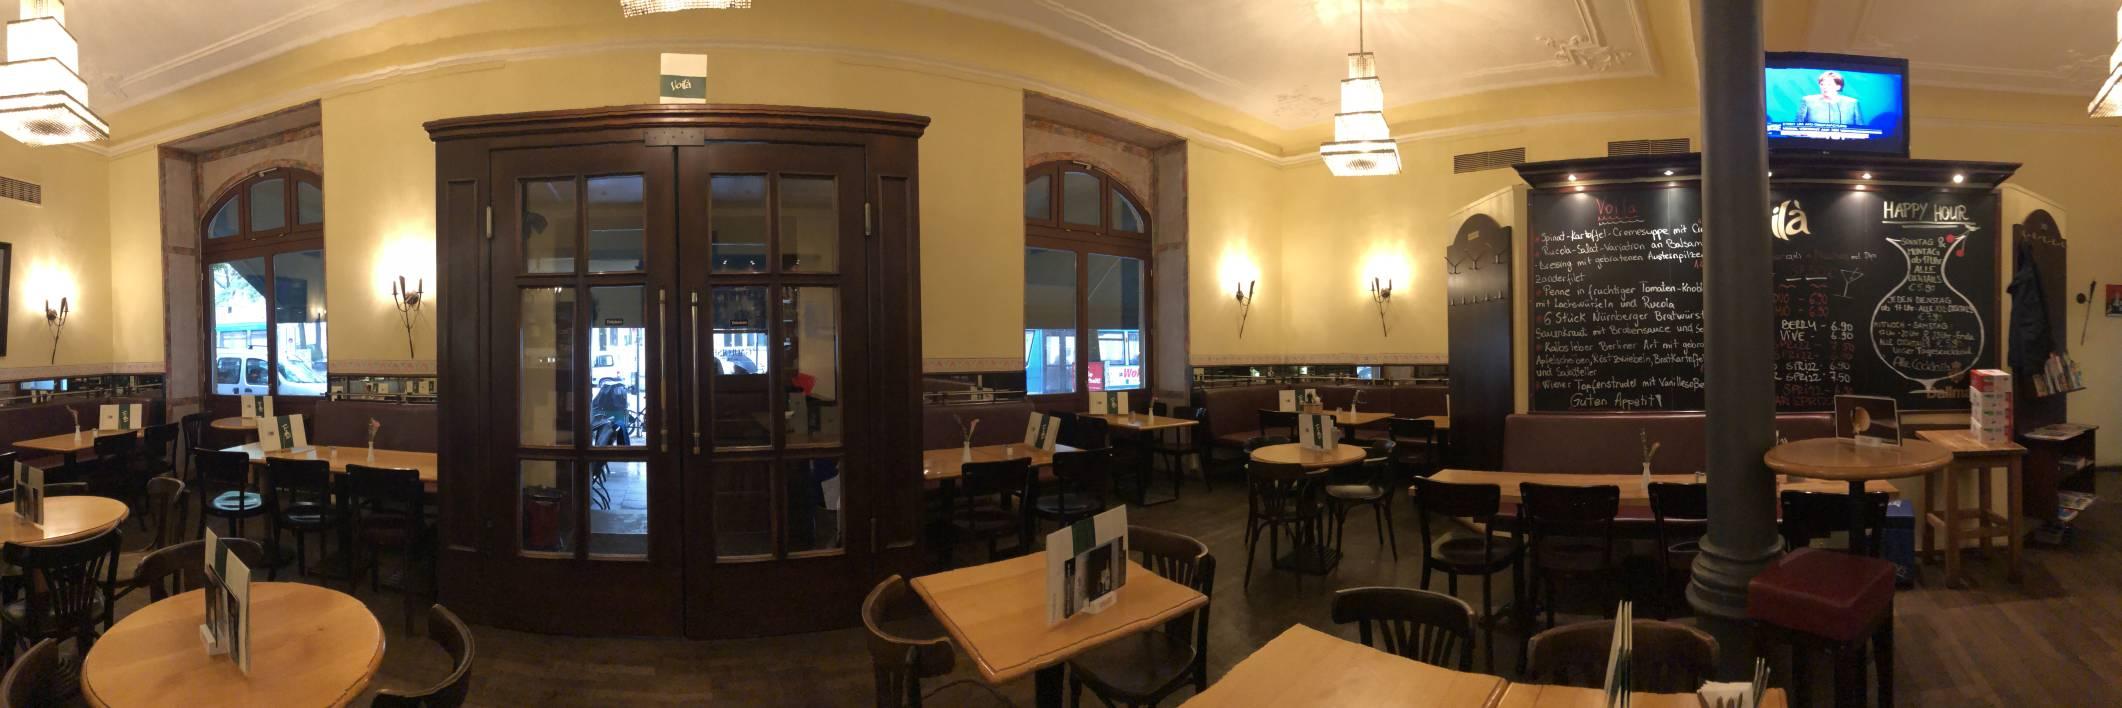 Ihr Cafe Voila In Munchen Startseite